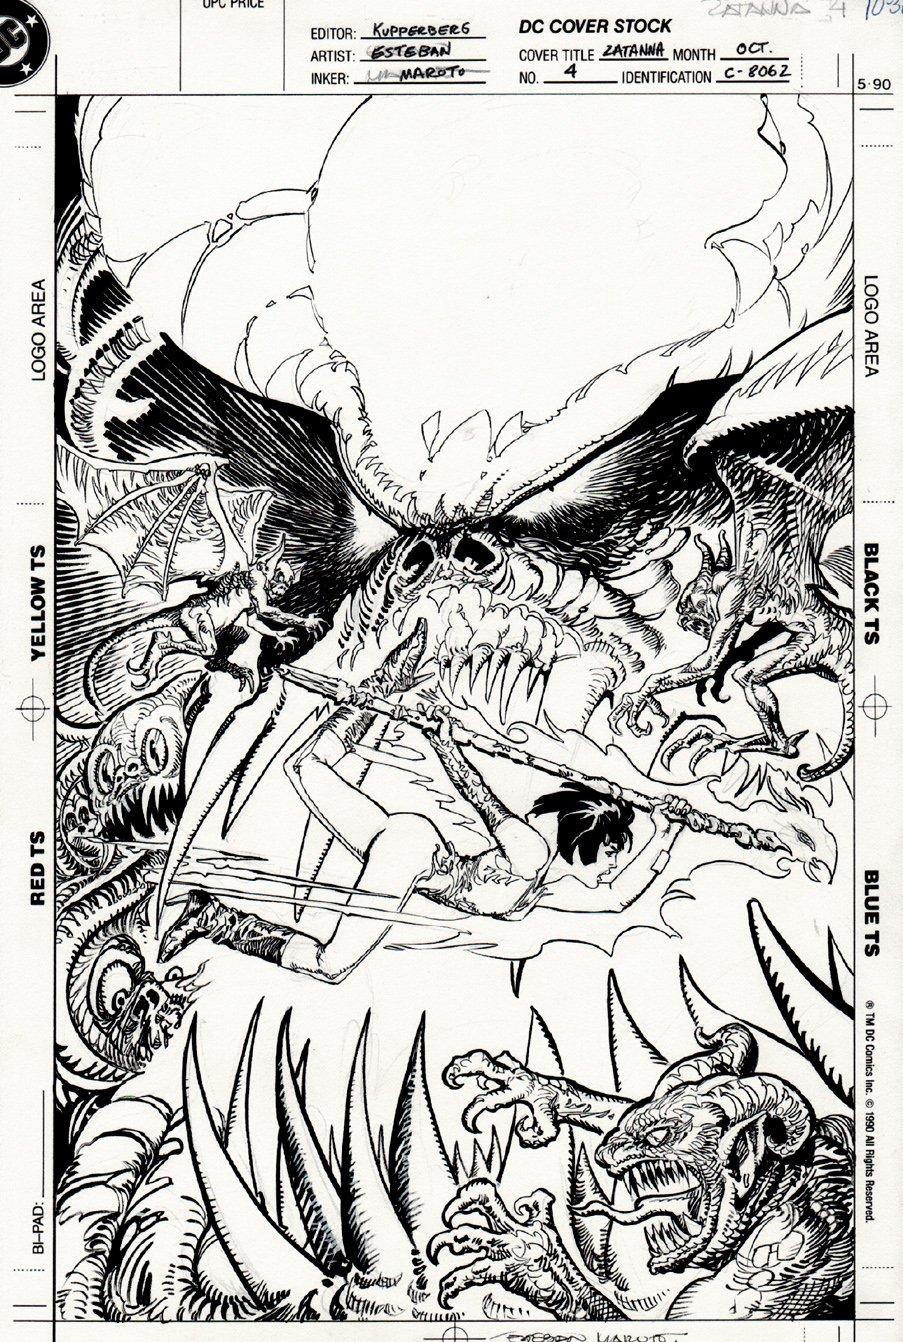 Zatanna #4 Cover (1993)